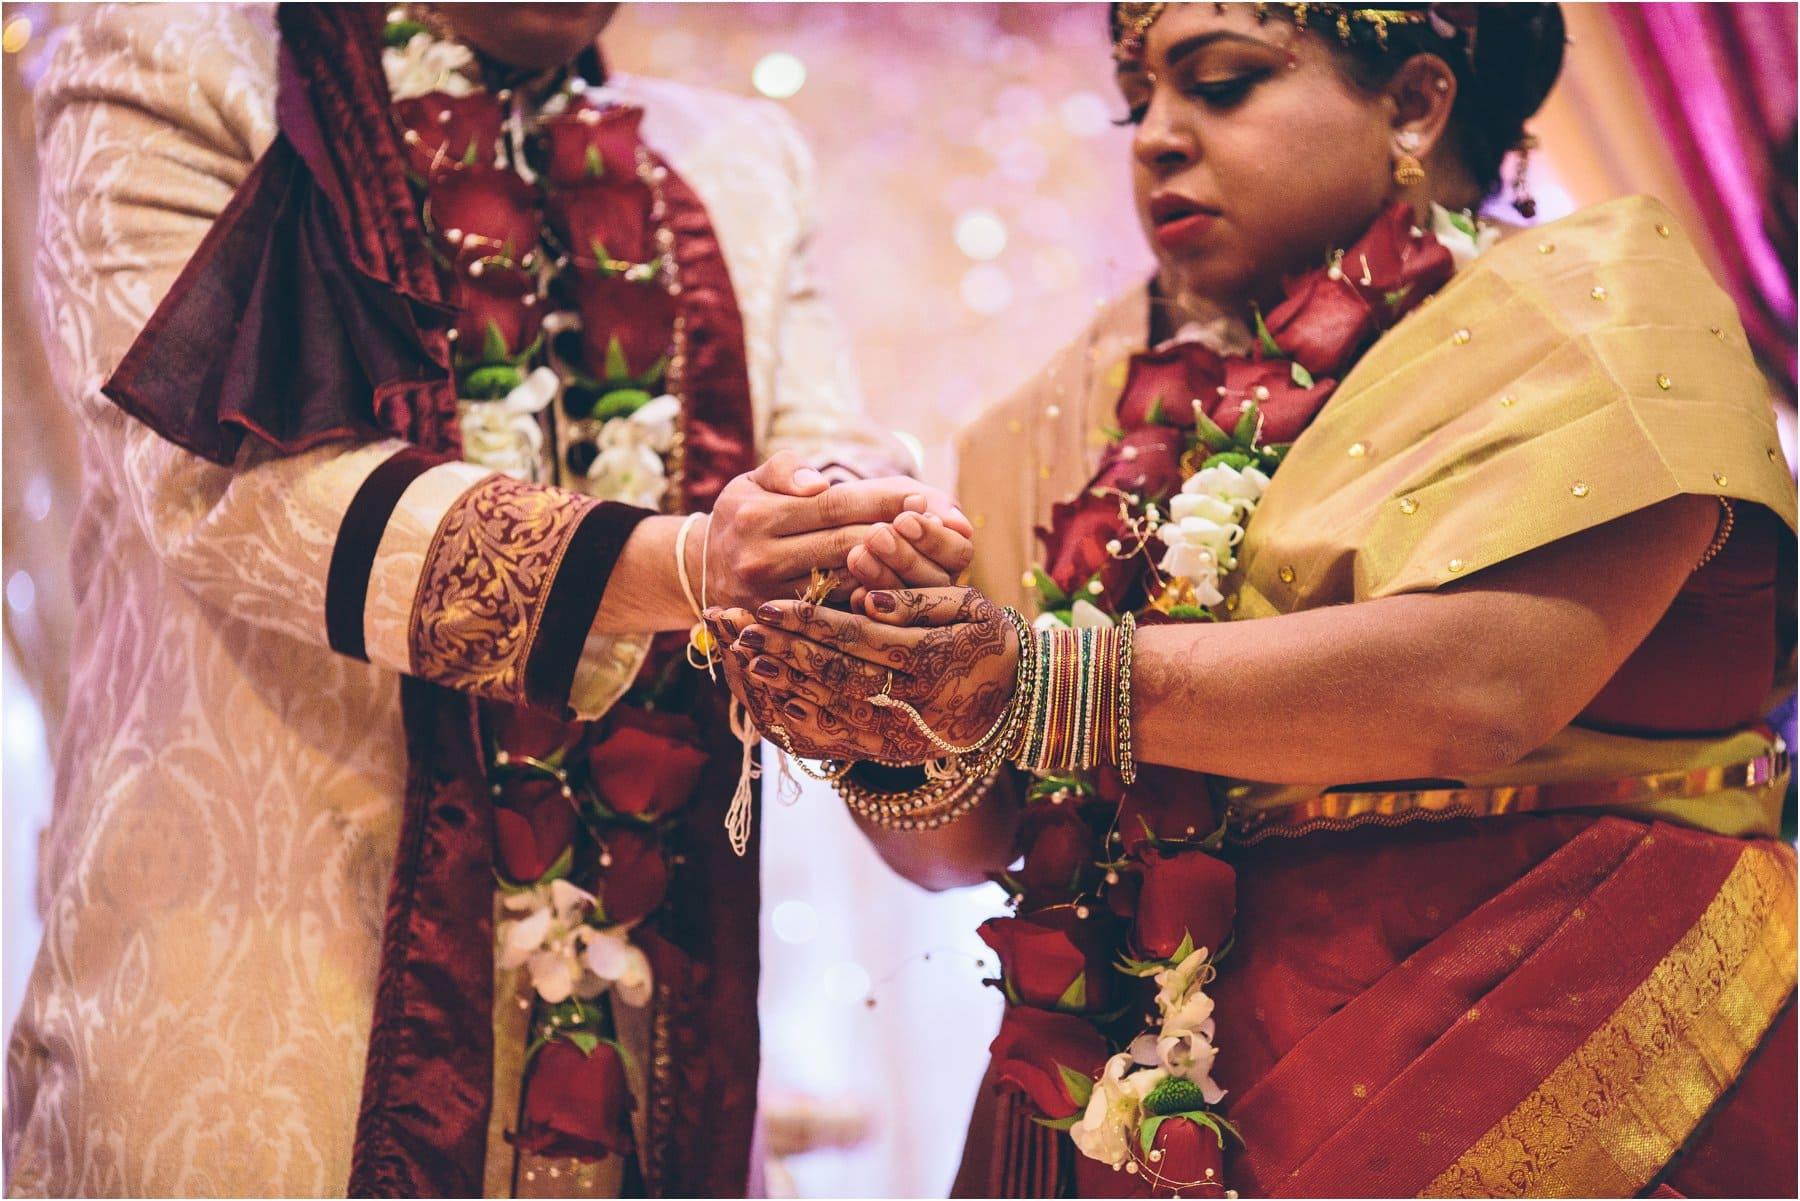 Lancashire_Indian_Wedding_Photography_0105